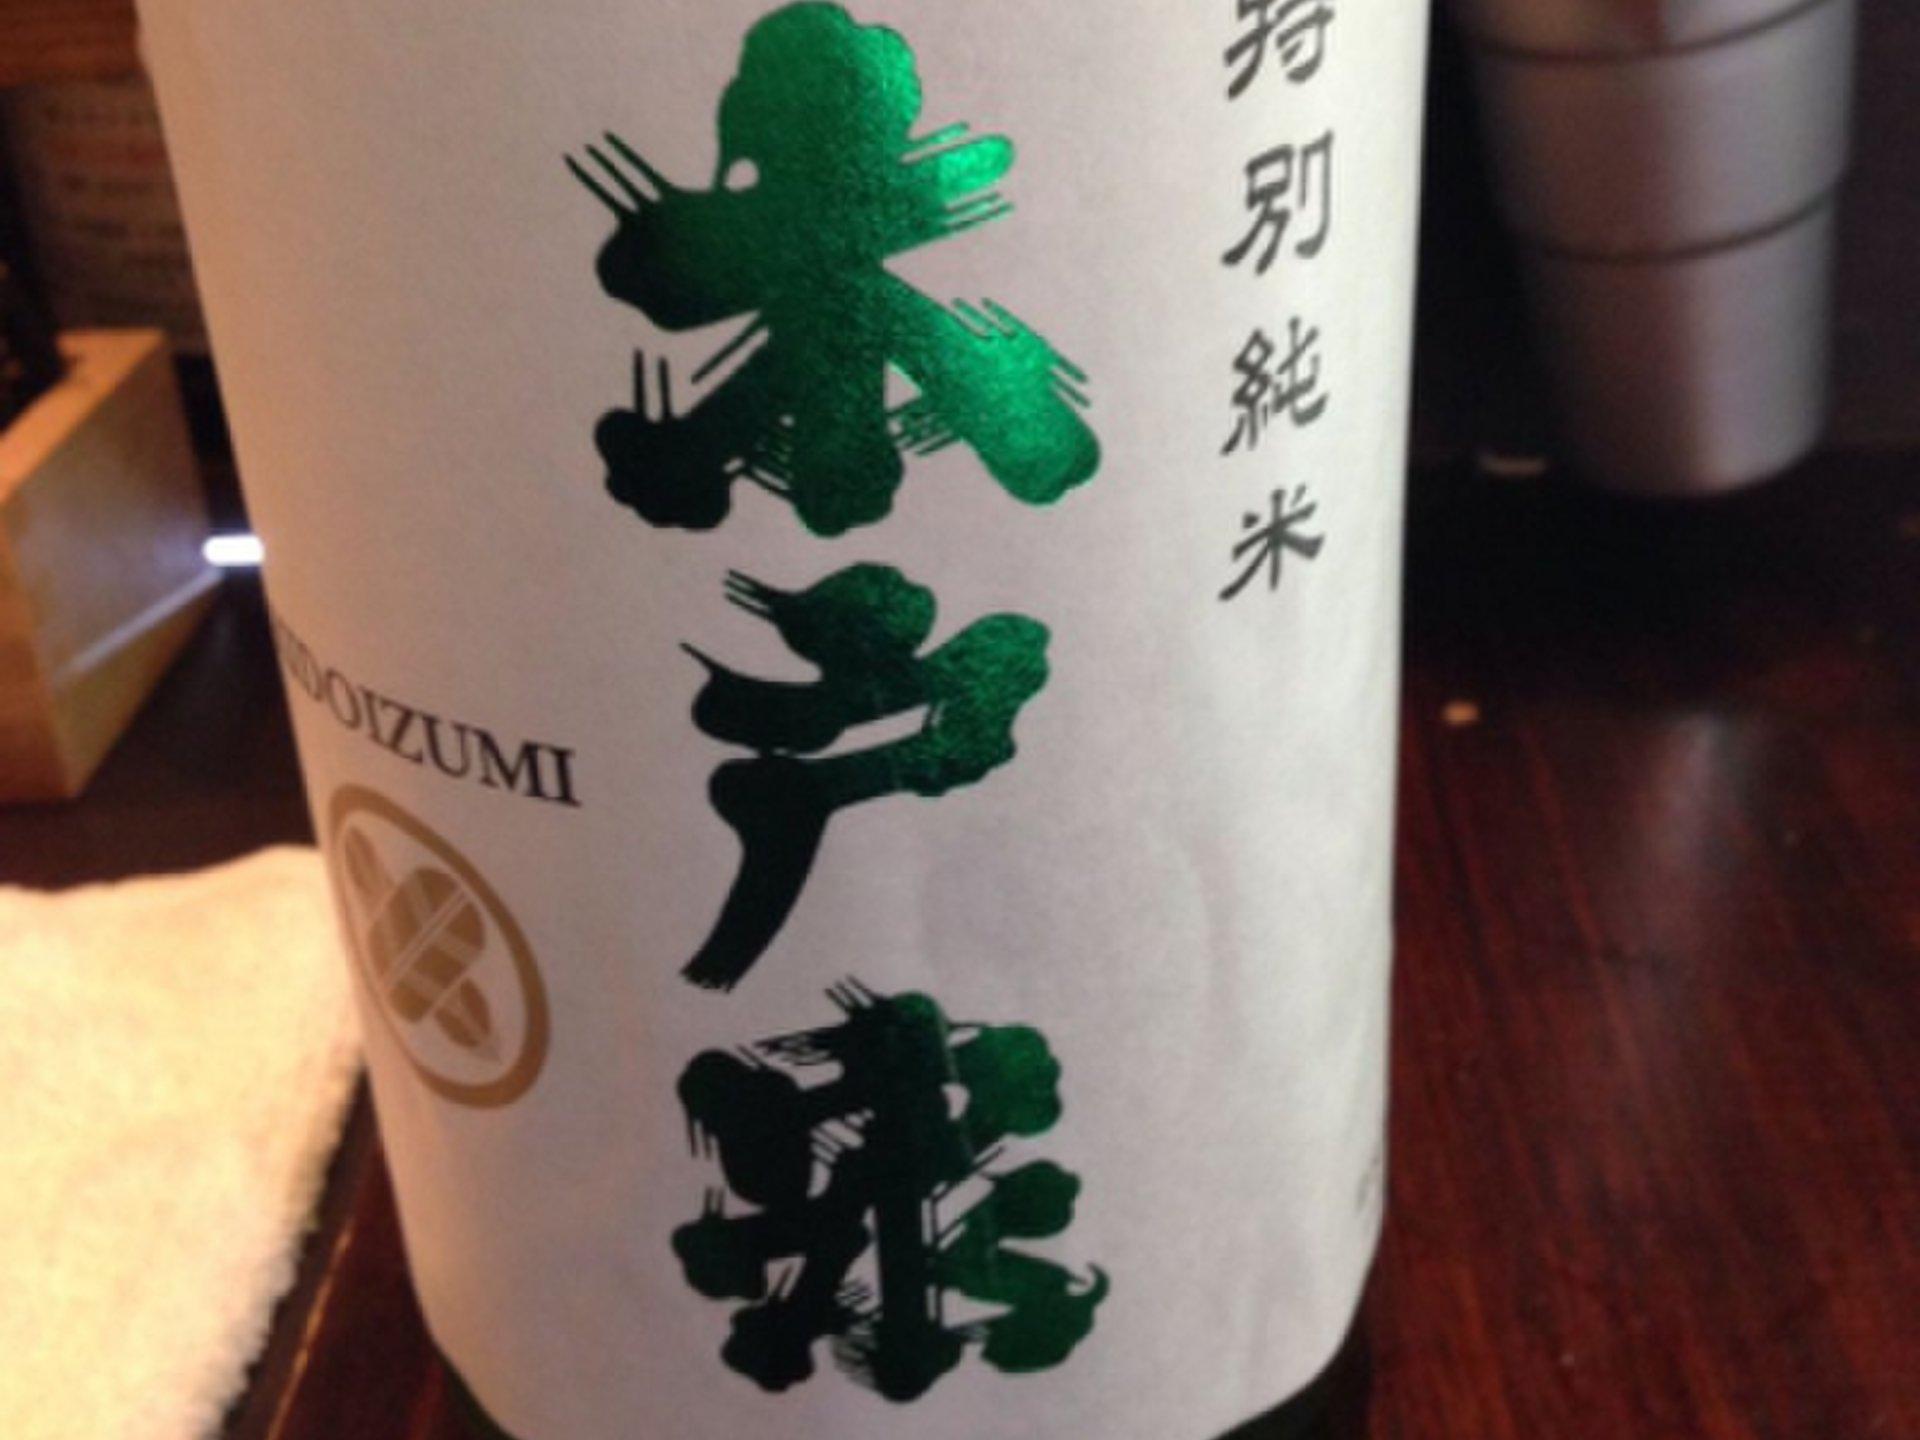 【日本酒の飲み放題!?】120分150分時間無制限のコースから選べるひと味変わった日本酒のお店!